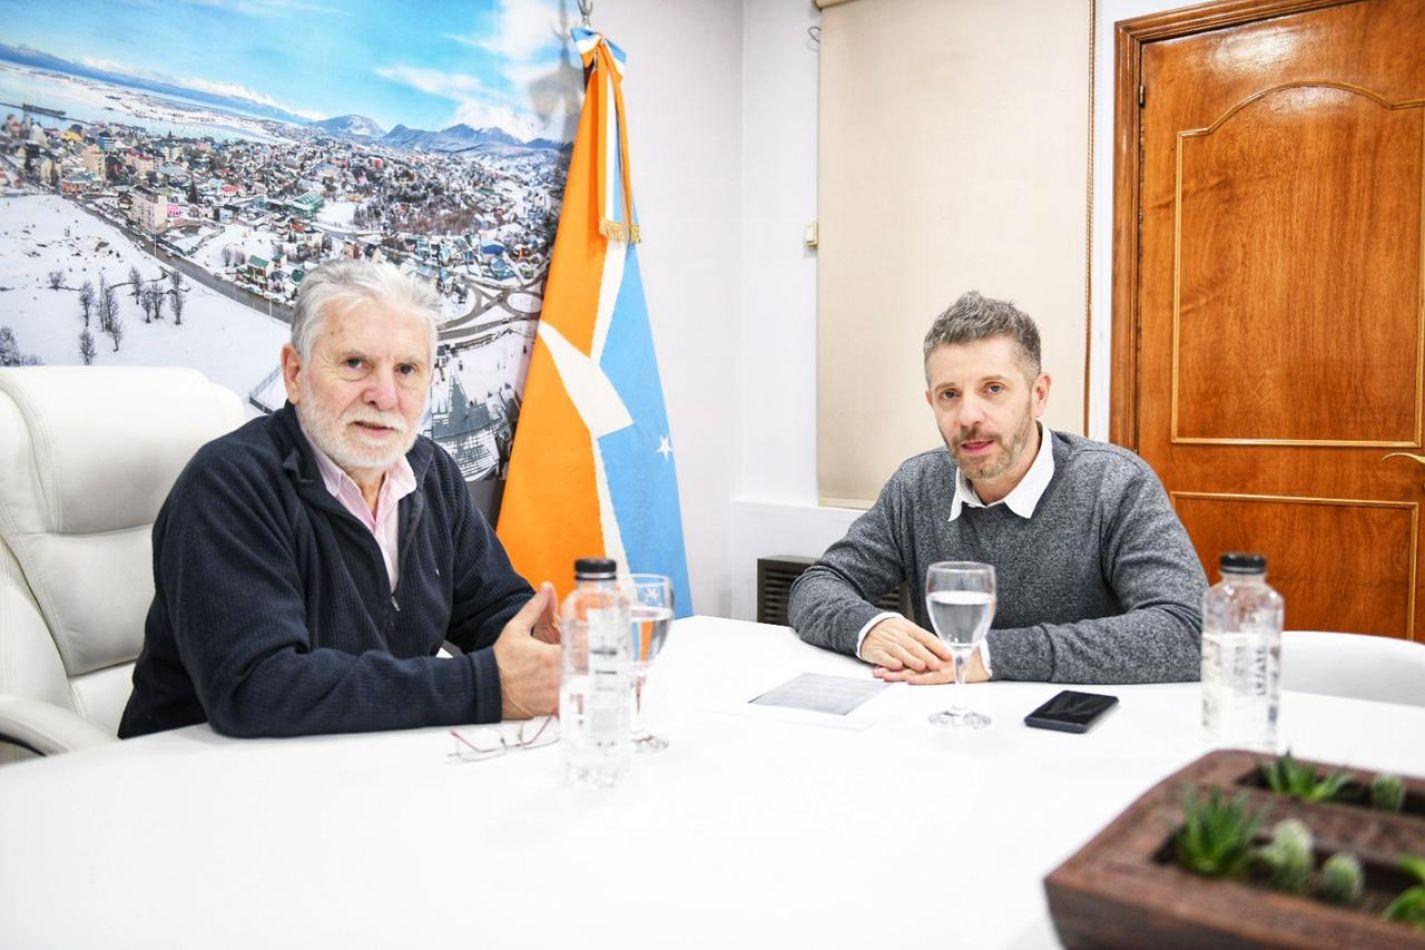 El jefe de Gabinete de la Municipalidad de Ushuaia Oscar Souto recibió en la sede de la Intendencia a su par del Gobierno provincial Leonardo Gorbacz